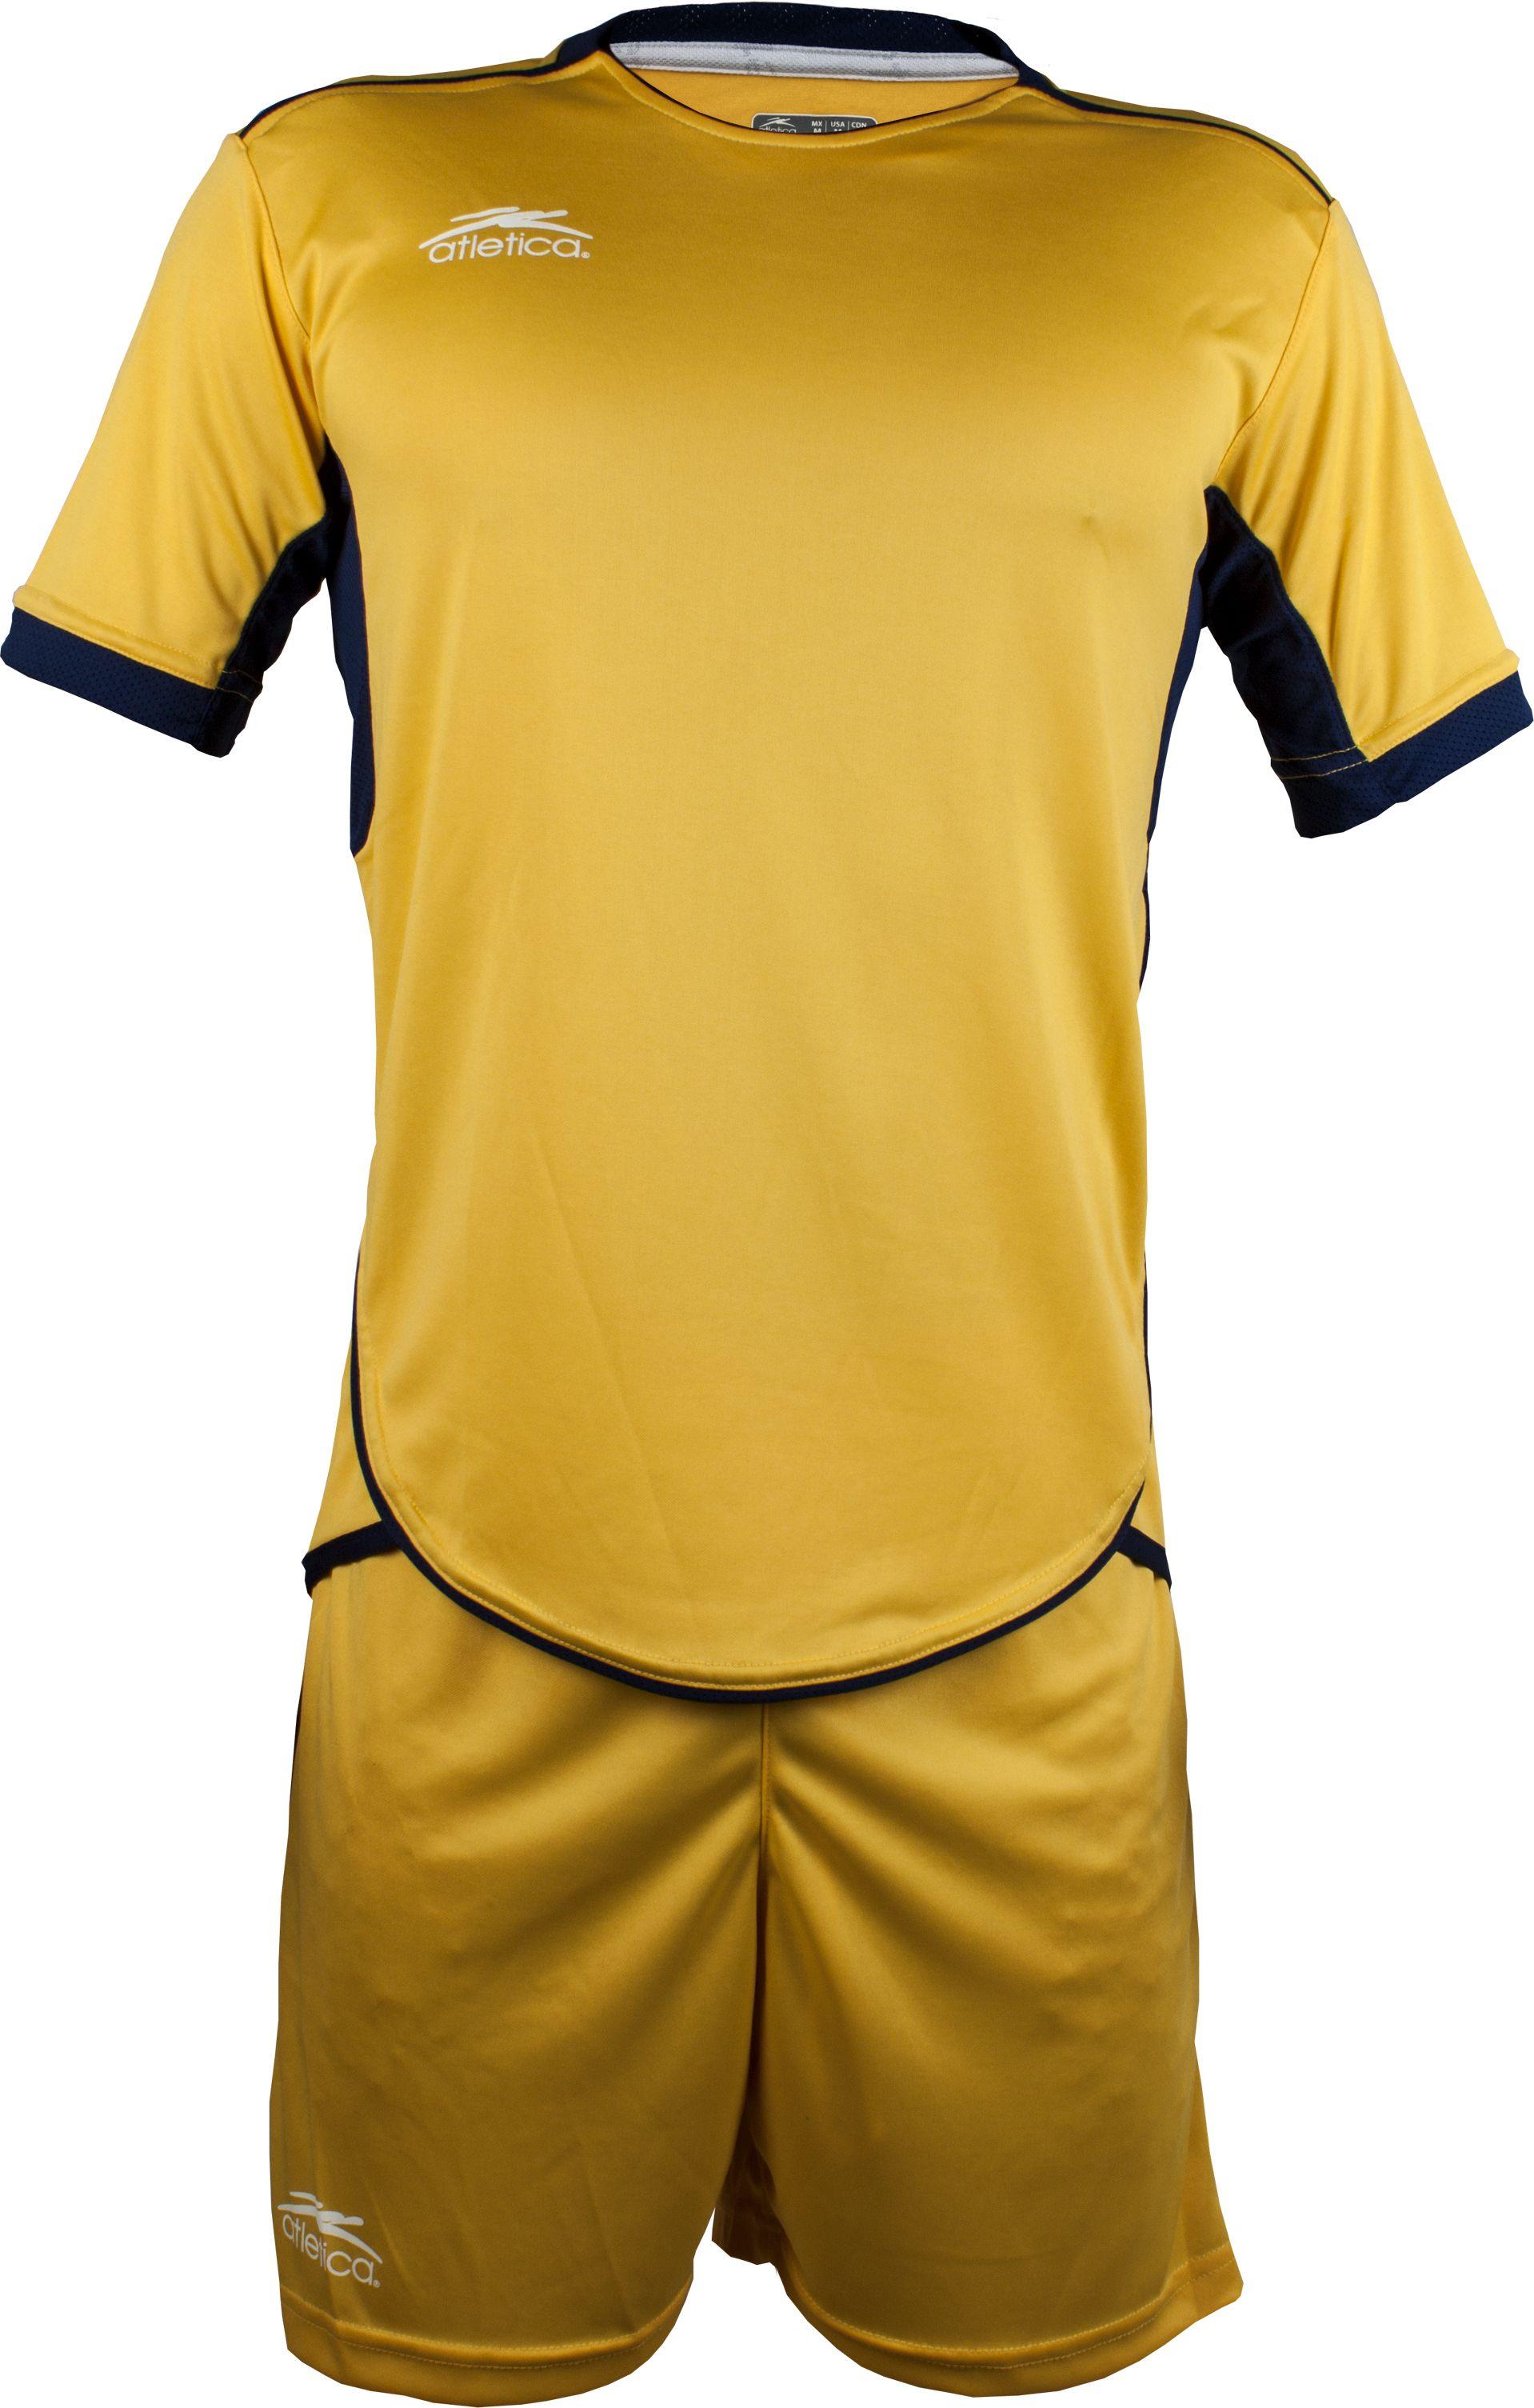 11d6dba36068b Uniforme Fútbol